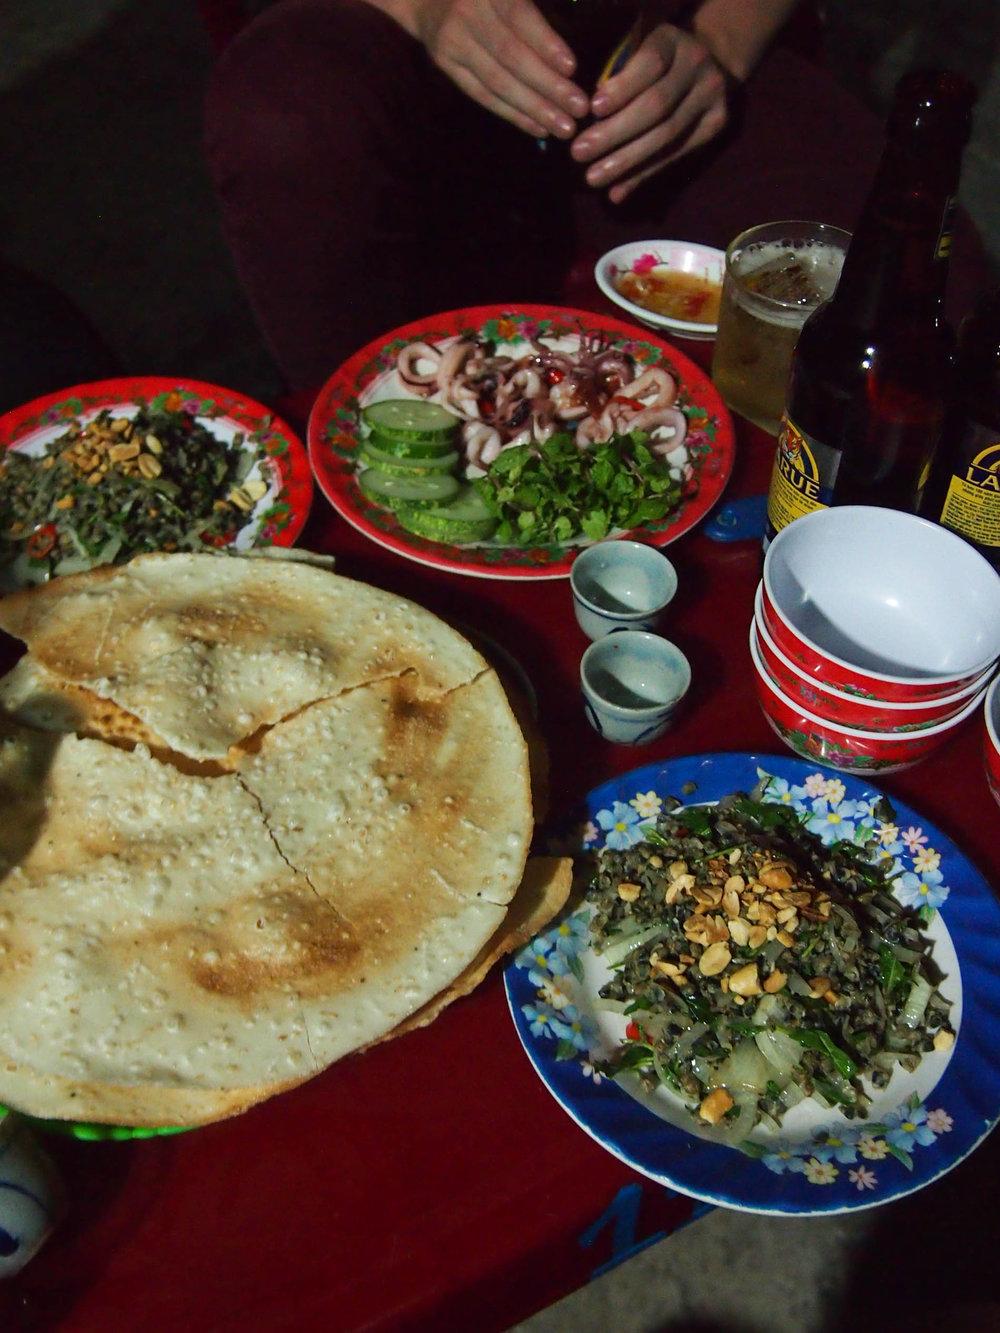 River clam salad, rice crackers and calamari.